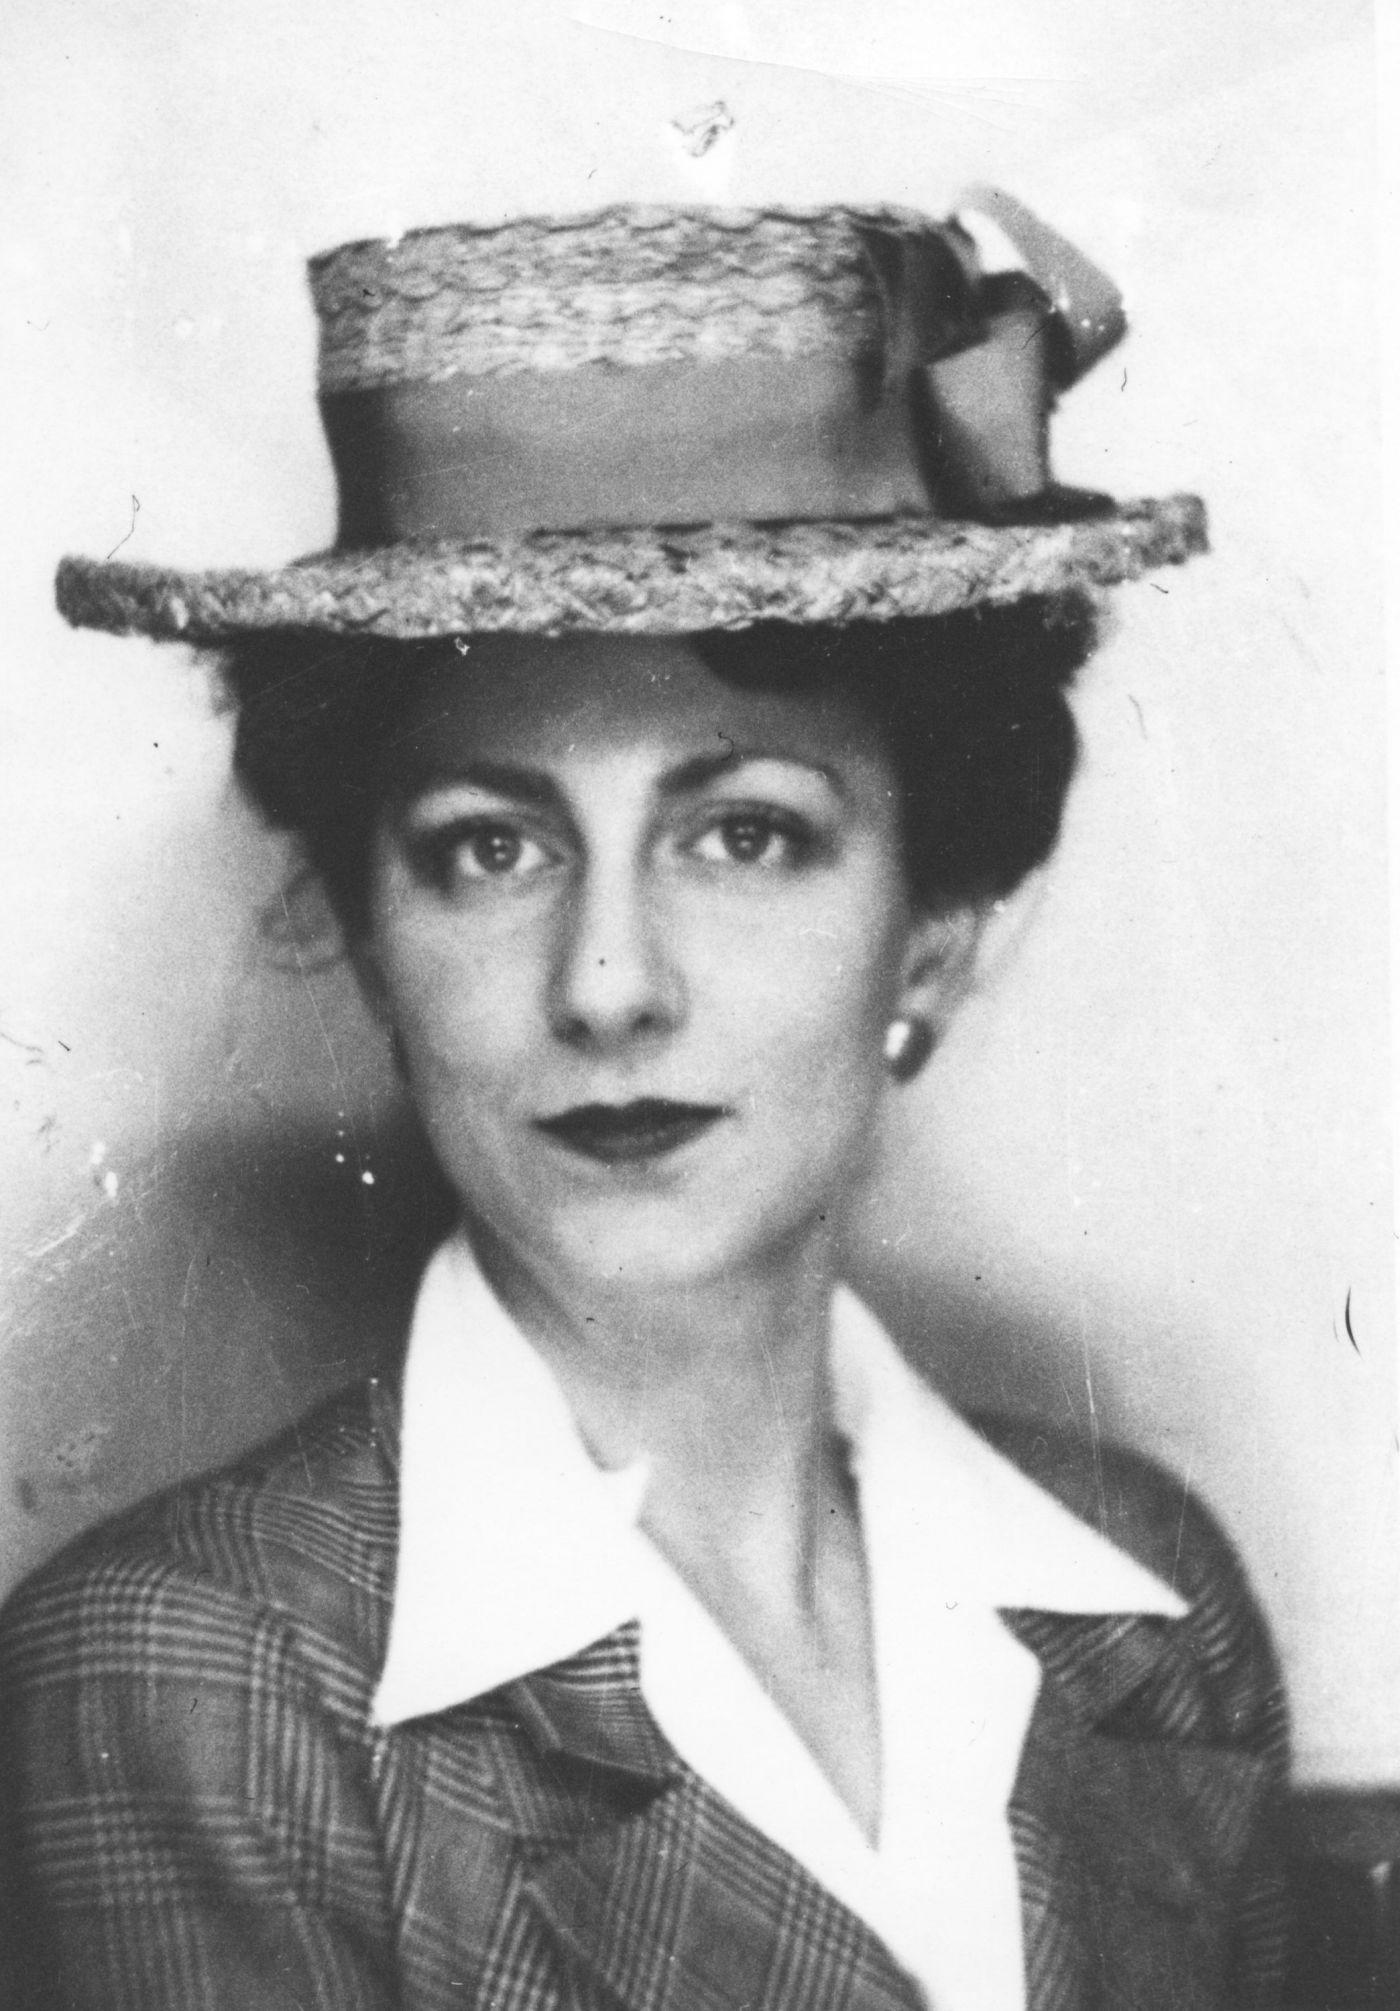 Portrait en noir et blanc d'une jeune femme. Elle a le regard très direct. Elle porte un élégant chapeau de paille décoré d'un large ruban ainsi qu'un veston de plaid et un chemisier blanc.